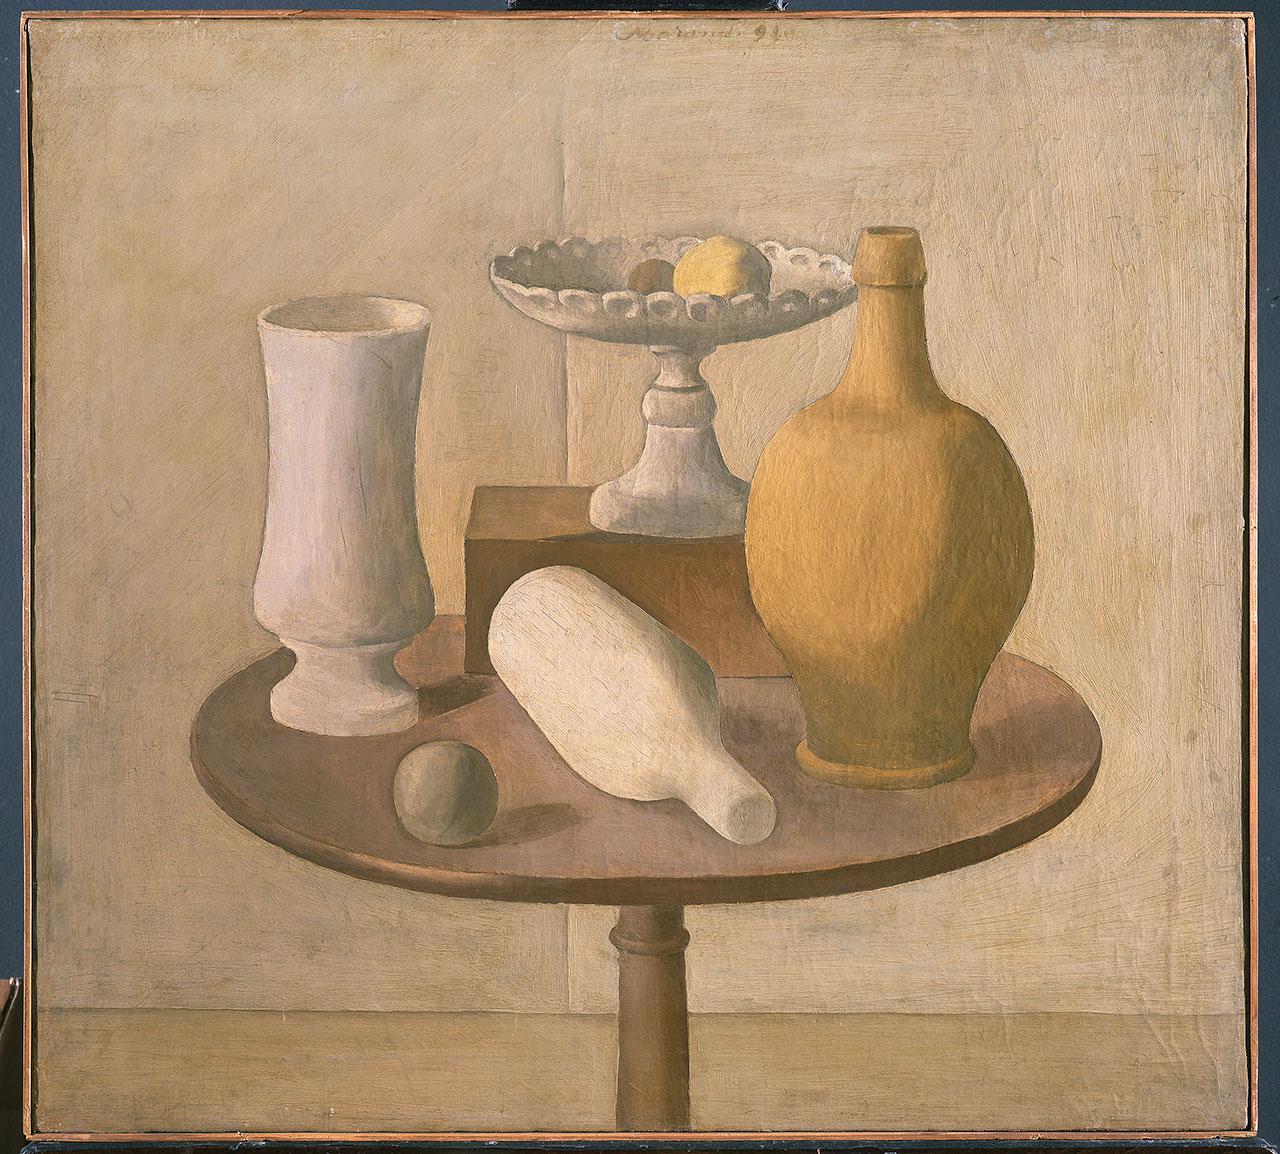 Giorgio Morandi, Natura morta, 1920, oil on canvas 60,5 x 66,5 cm. Pinacoteca di Brera, Milano Copyright: MiBACT - Pinacoteca di Brera, Photo archive © Giorgio Morandi by SIAE 2018.